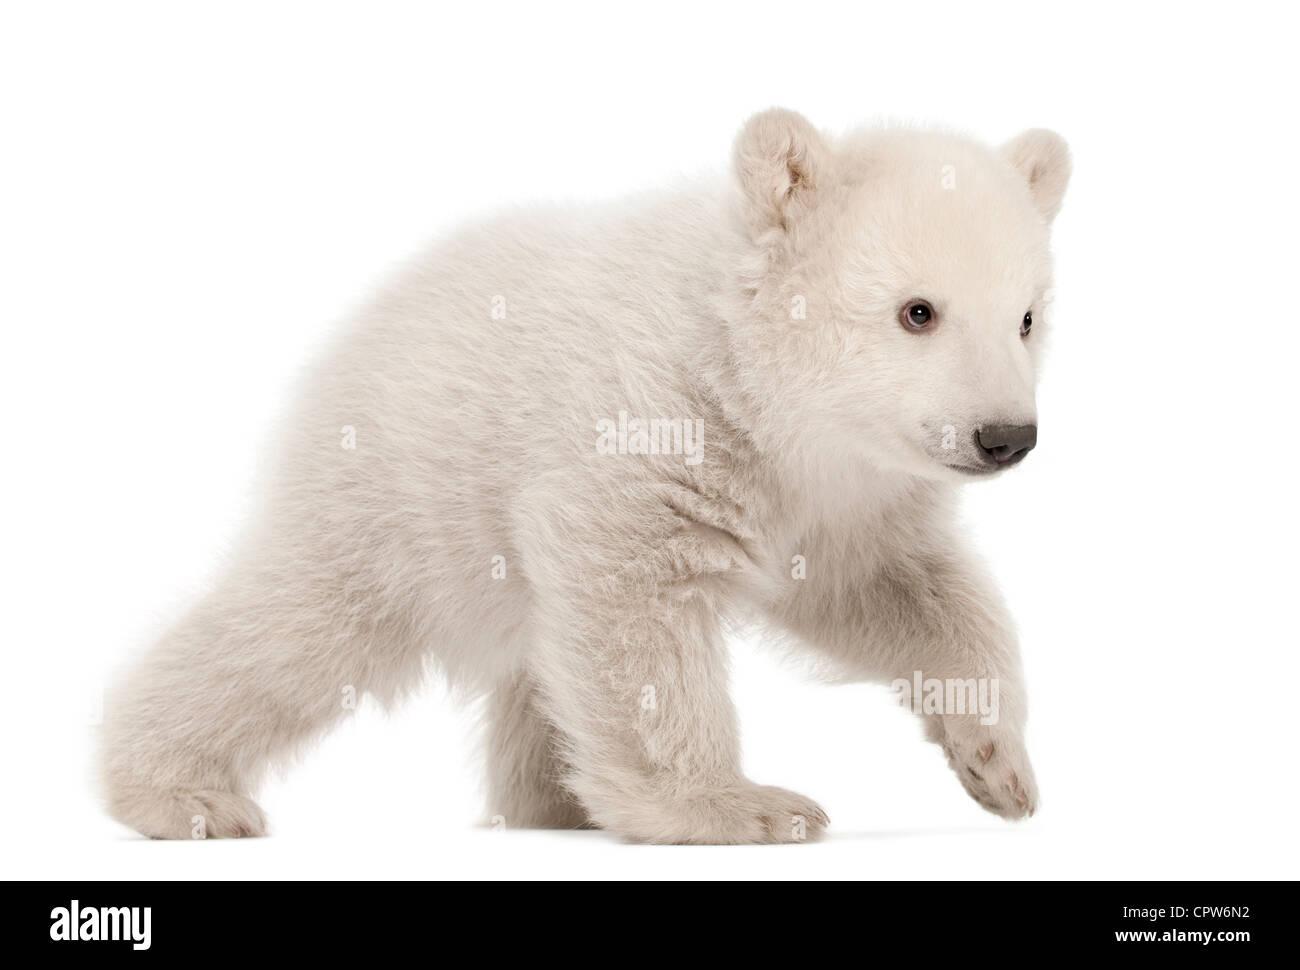 Polar Bear Cub, Ursus maritimus, 3 mesi di età, passeggiate contro uno sfondo bianco Immagini Stock